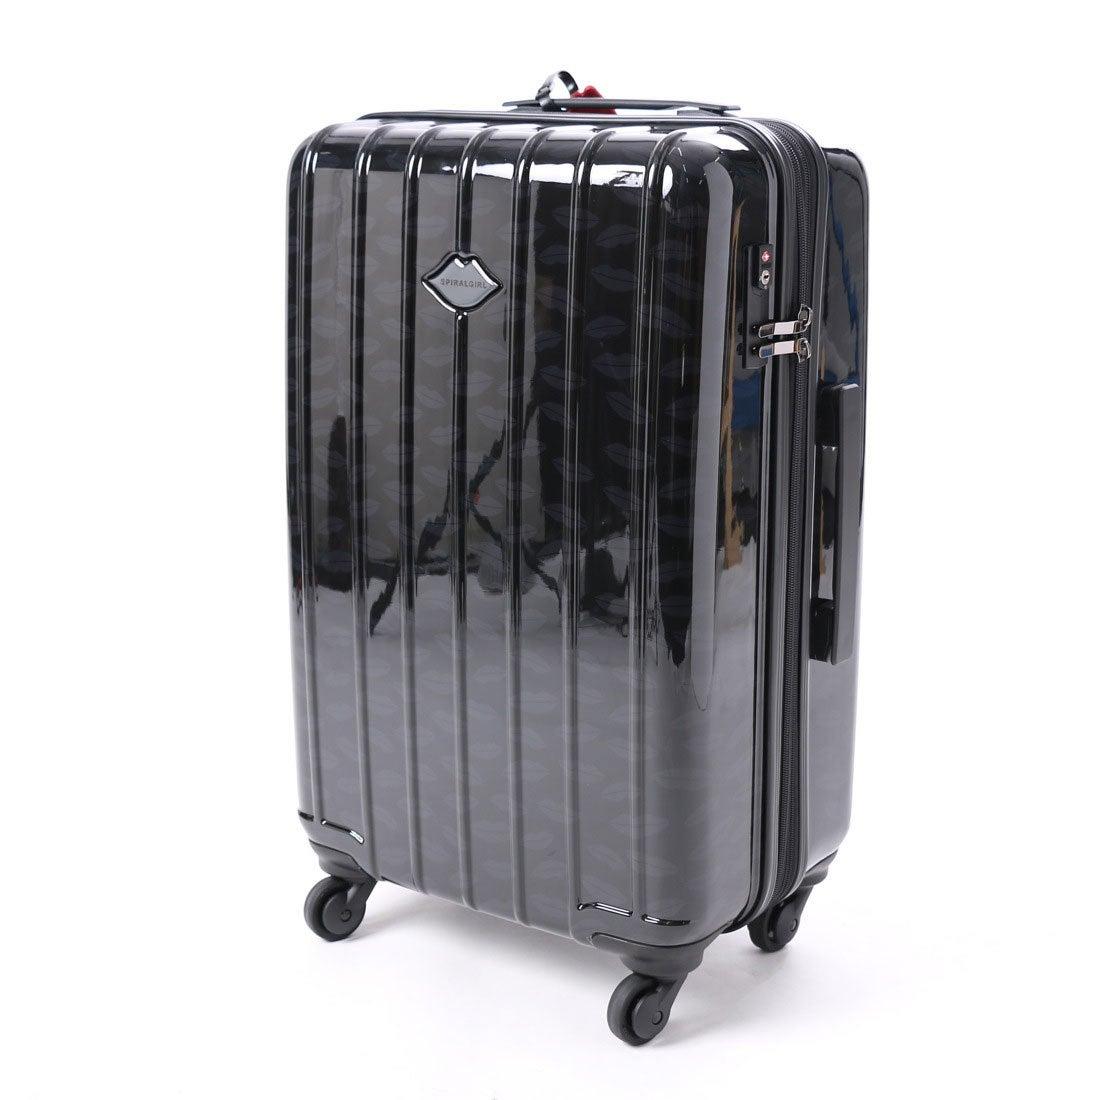 スパイラルガール SPIRAL GIRL 【SPIRALGIRLスパイラルガール】スーツケース 50L拡張機能付トラベルハードキャリー (ブラック) レディース